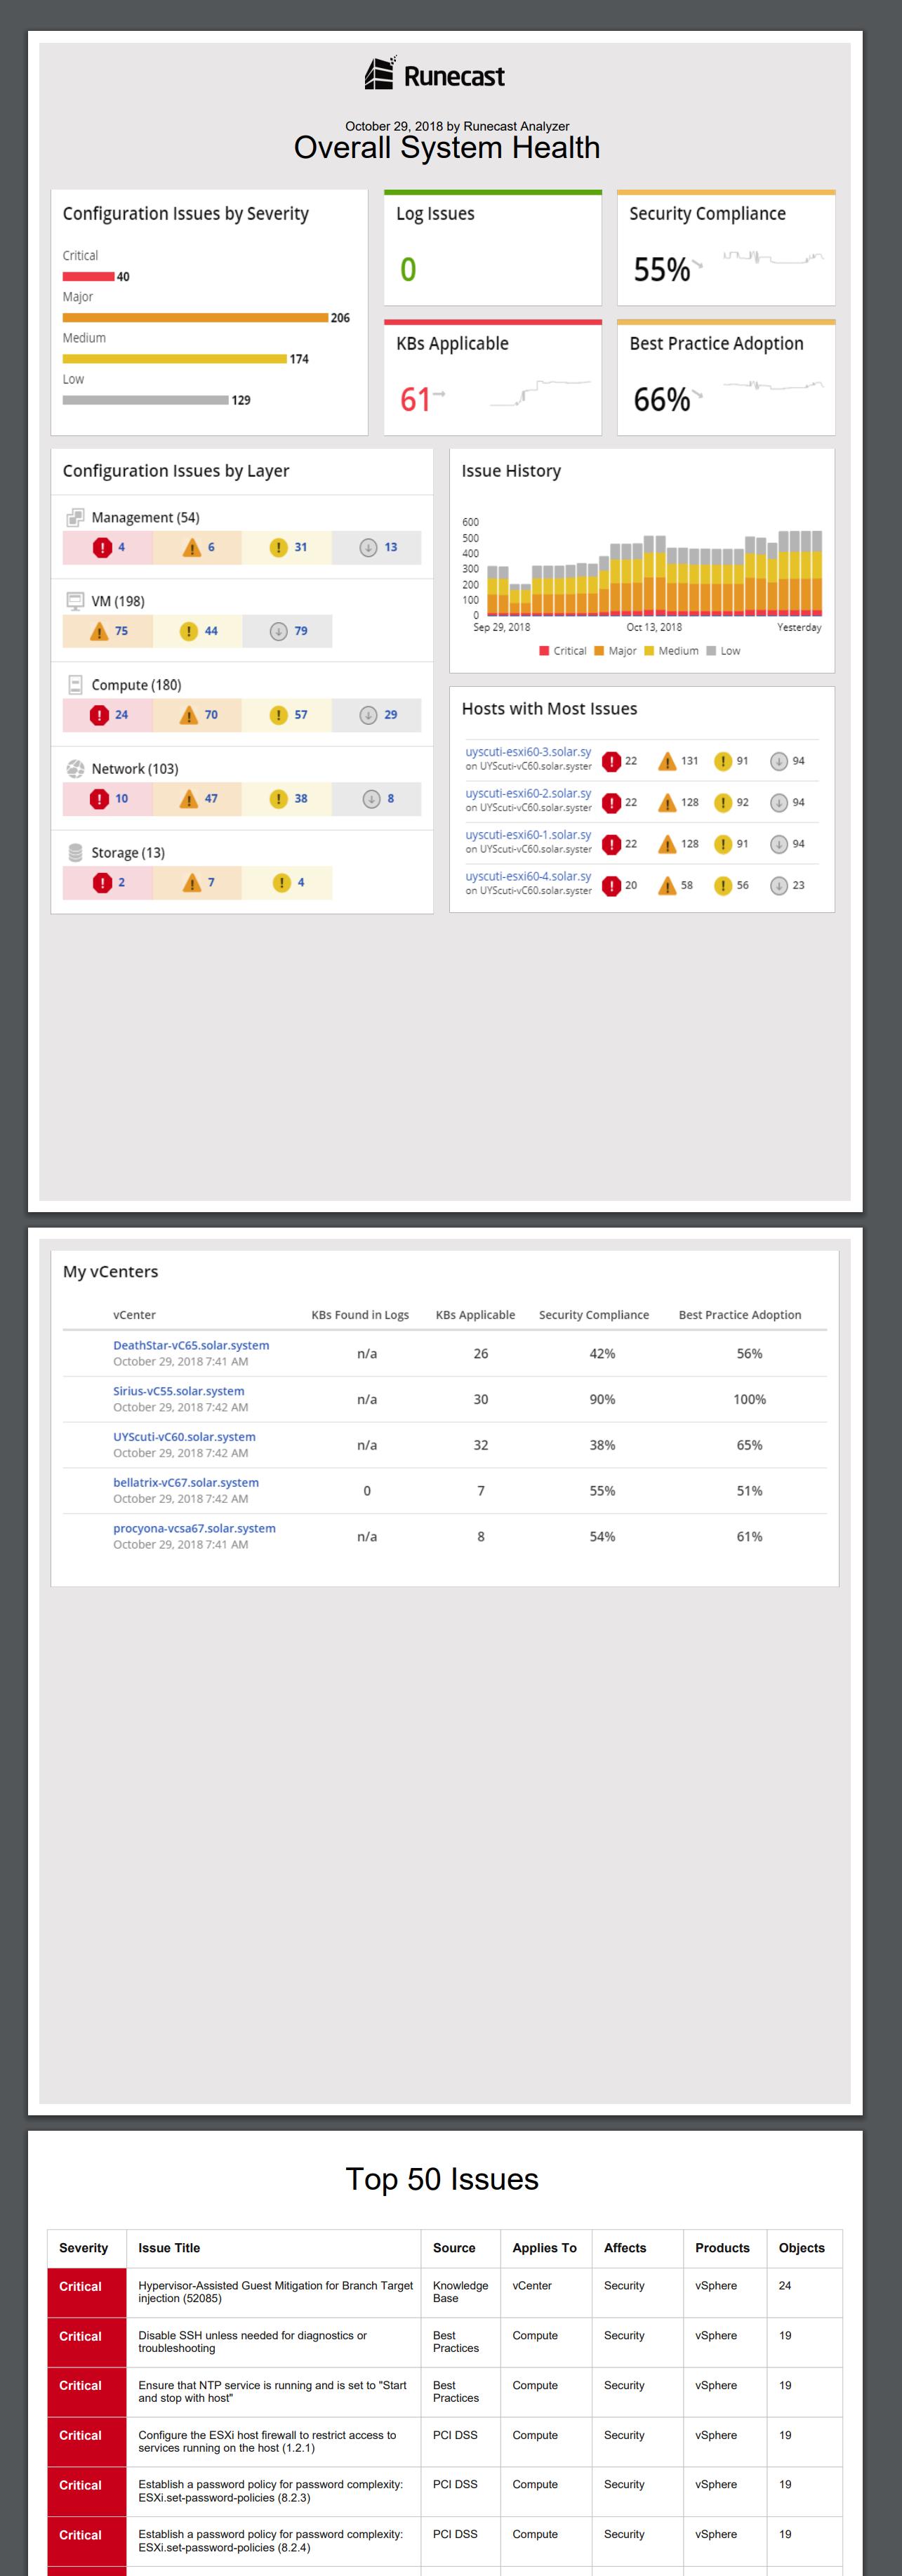 Runecast management report